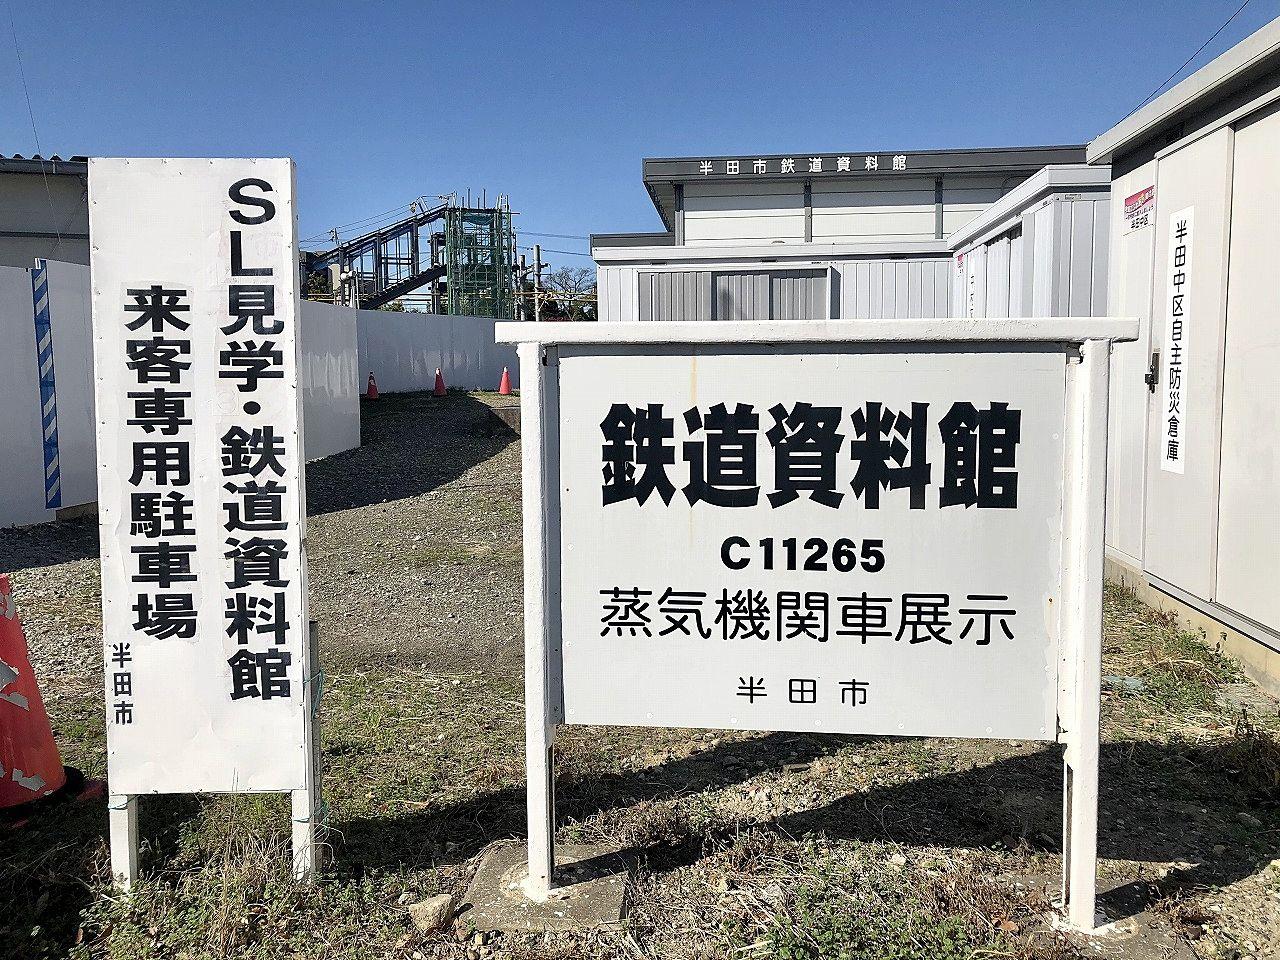 「半田市鉄道資料館」は、鉄道資料館としては小樽鉄道記念館の次に開設されたもので、全国でも最初に開設されたローカル線の一つである「武豊線」の、貴重な資料を数多く収蔵しています。